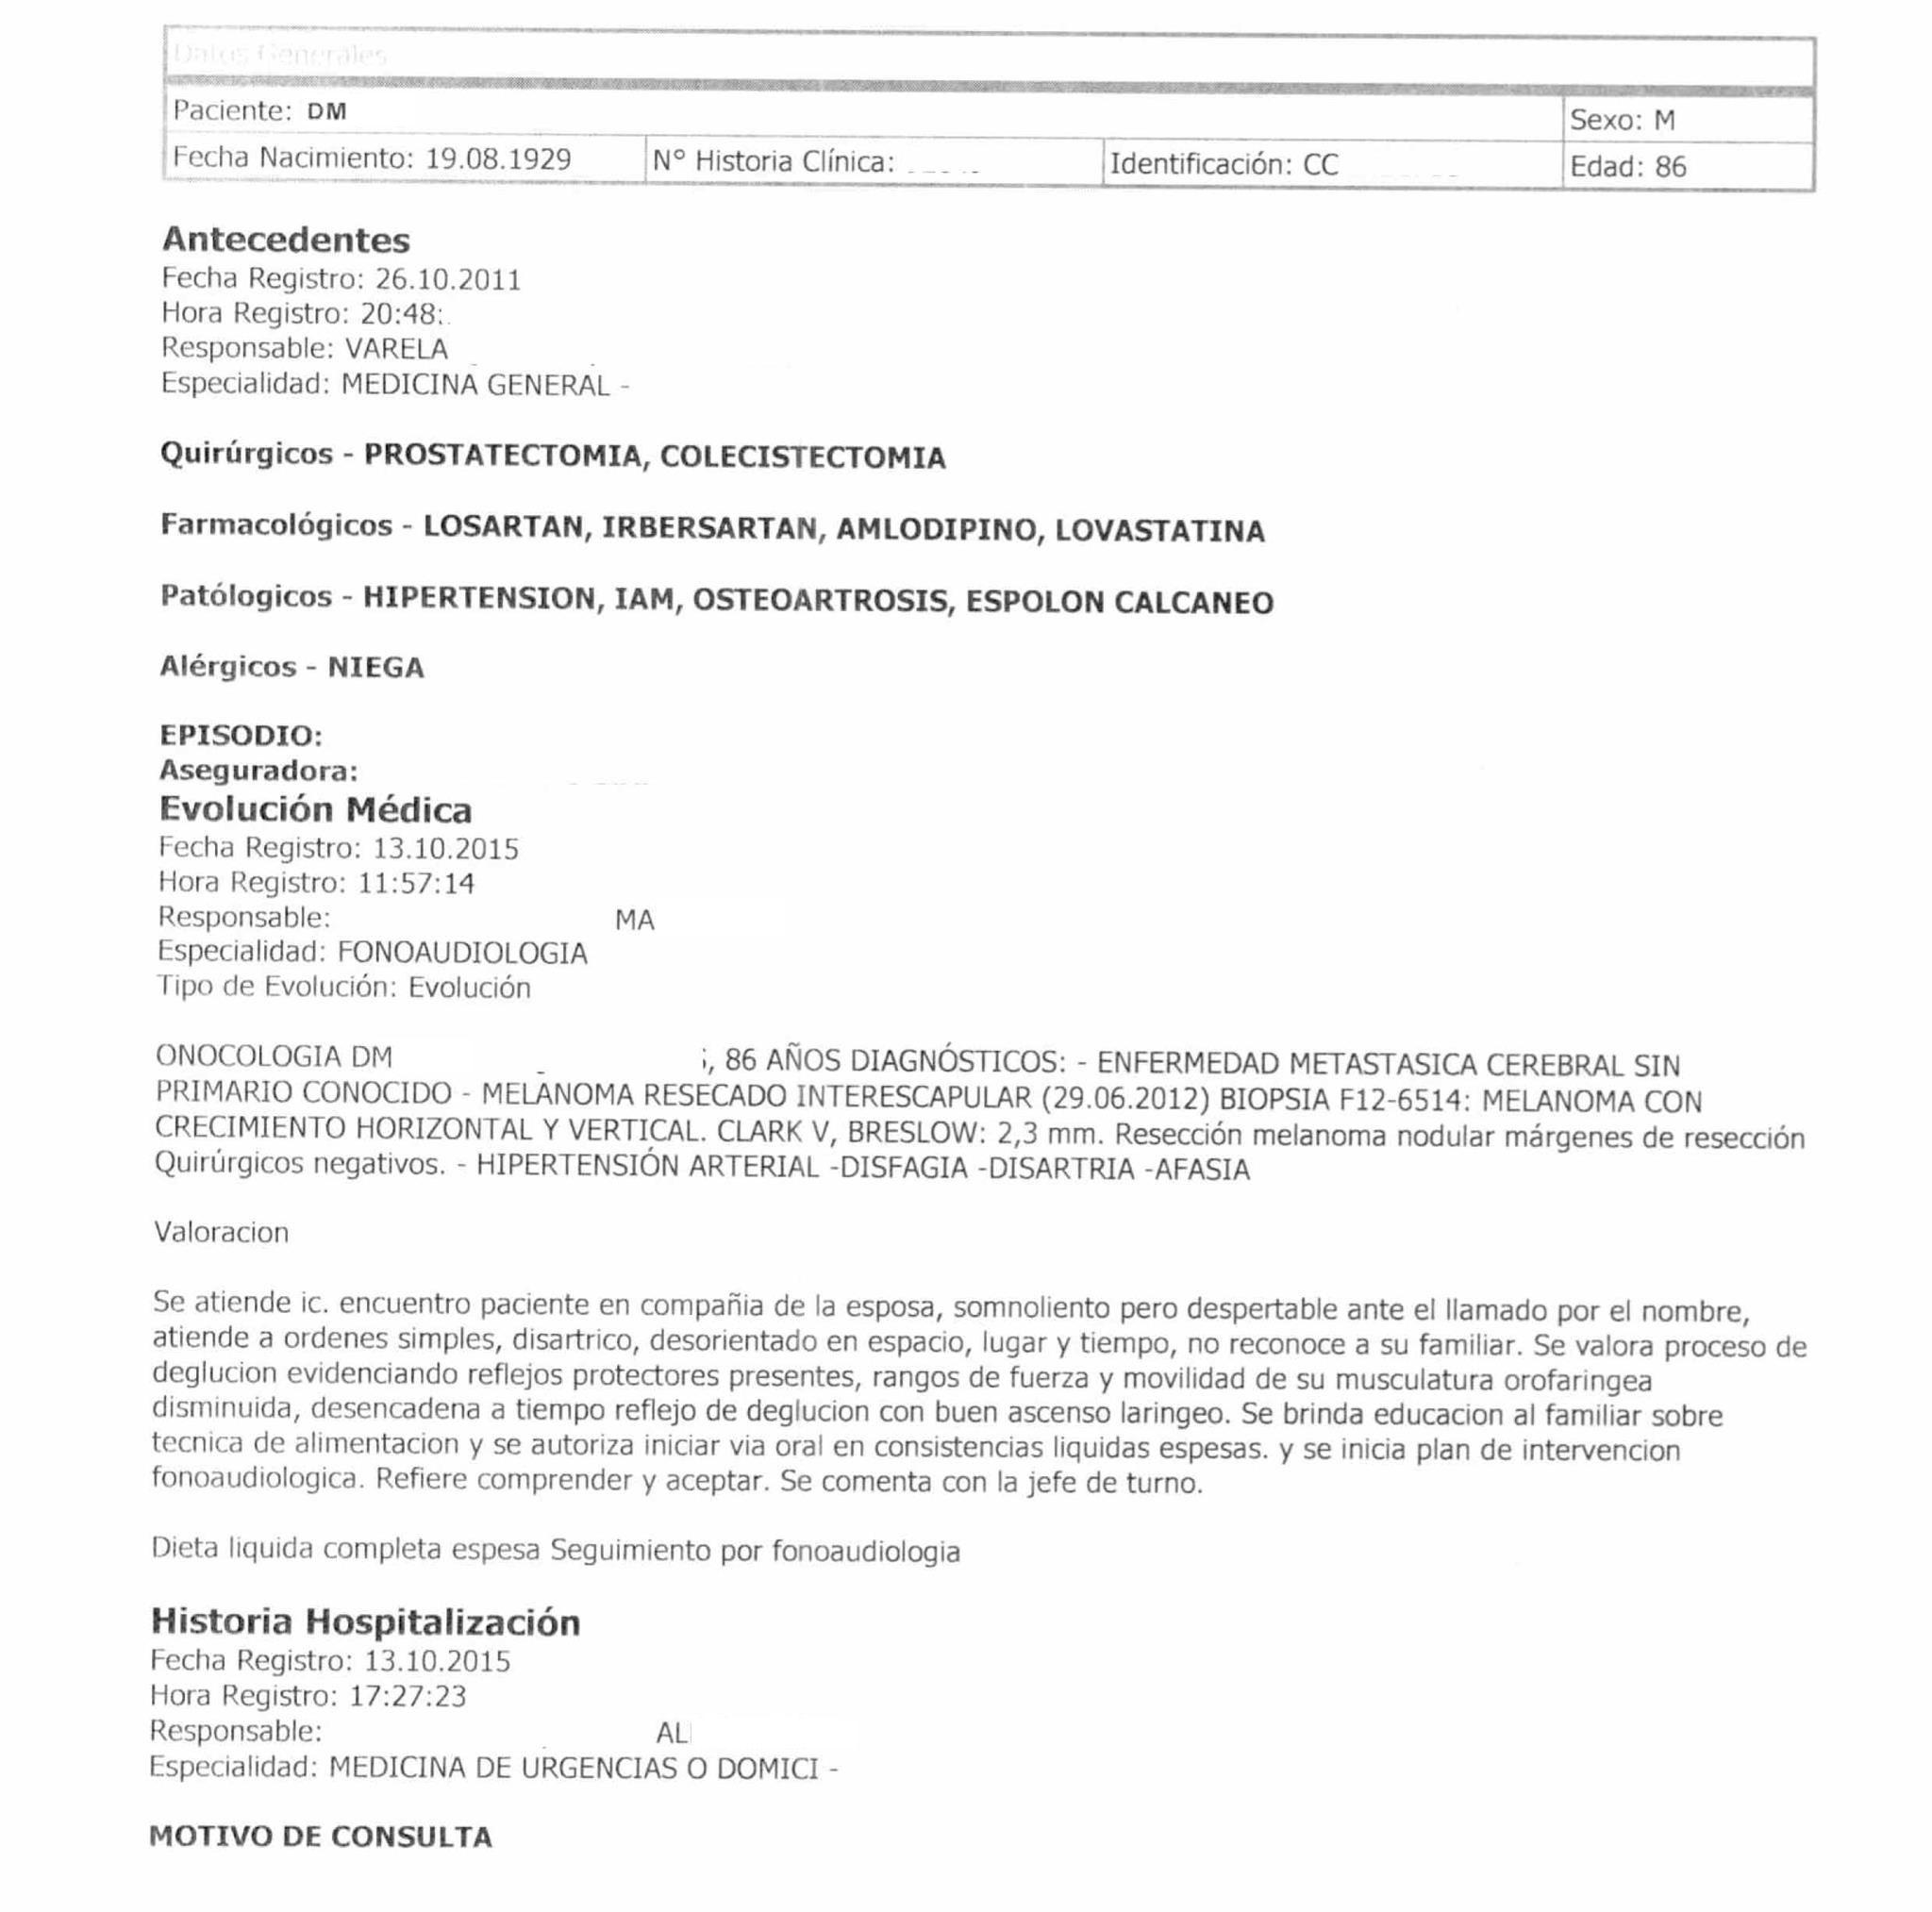 LifEscozul® - Danilo 1 - Cáncer Metastático Primario Desconocido